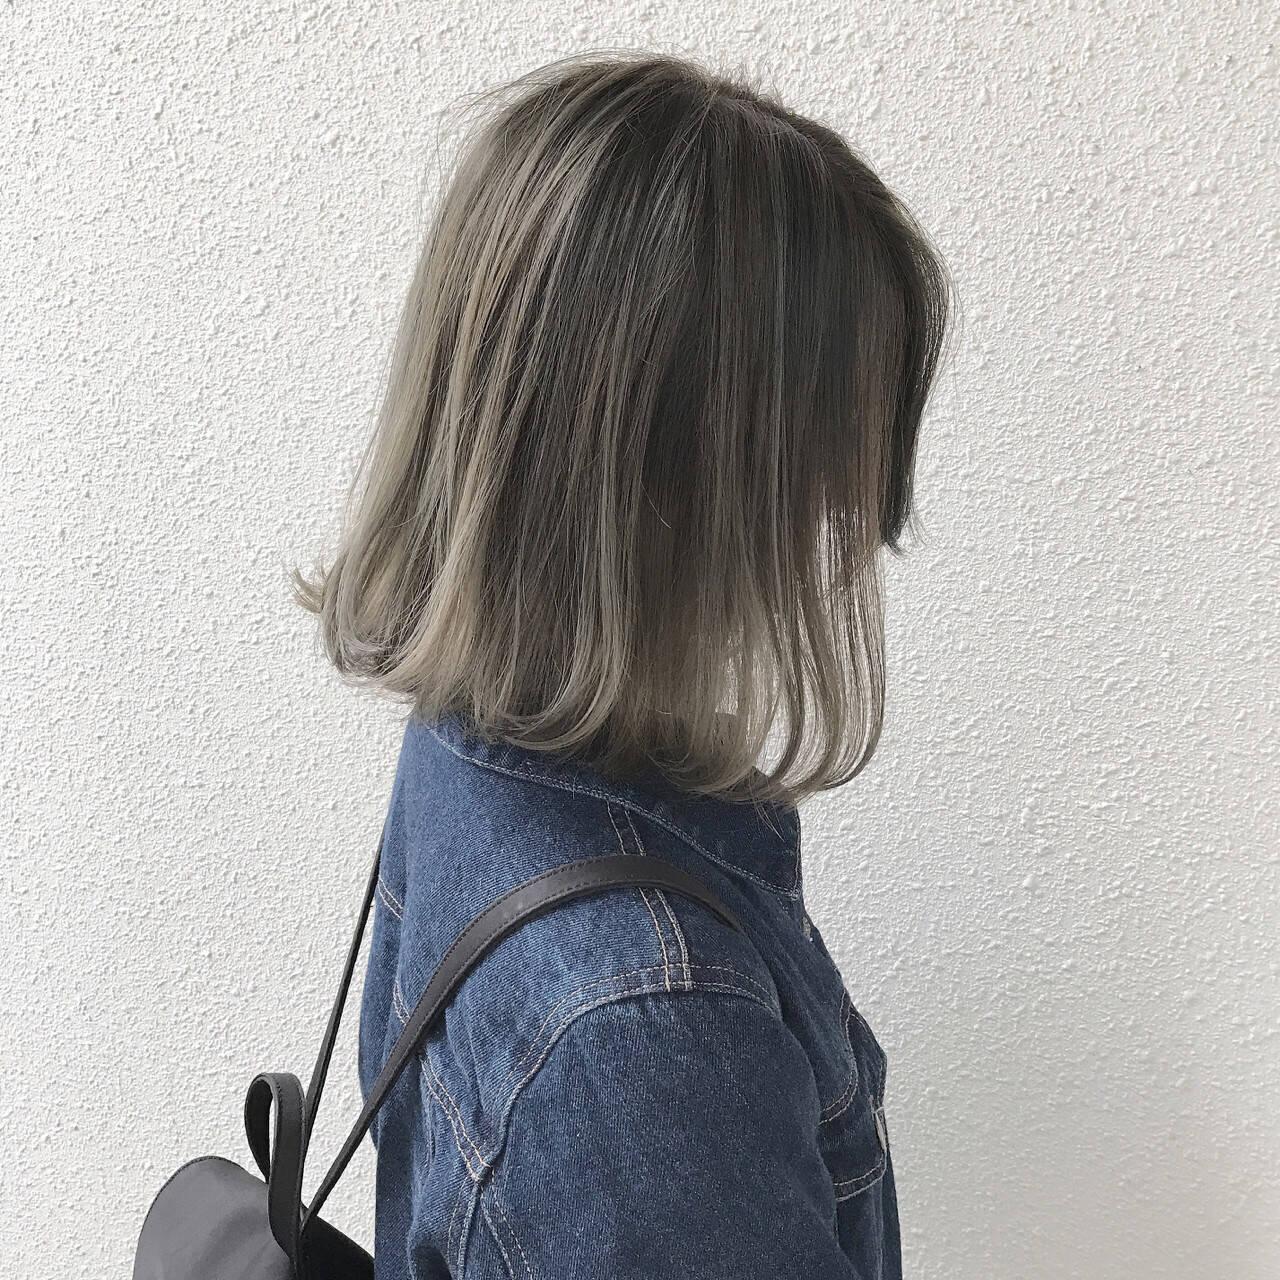 ストリート アッシュベージュ ハイライト アッシュグレージュヘアスタイルや髪型の写真・画像